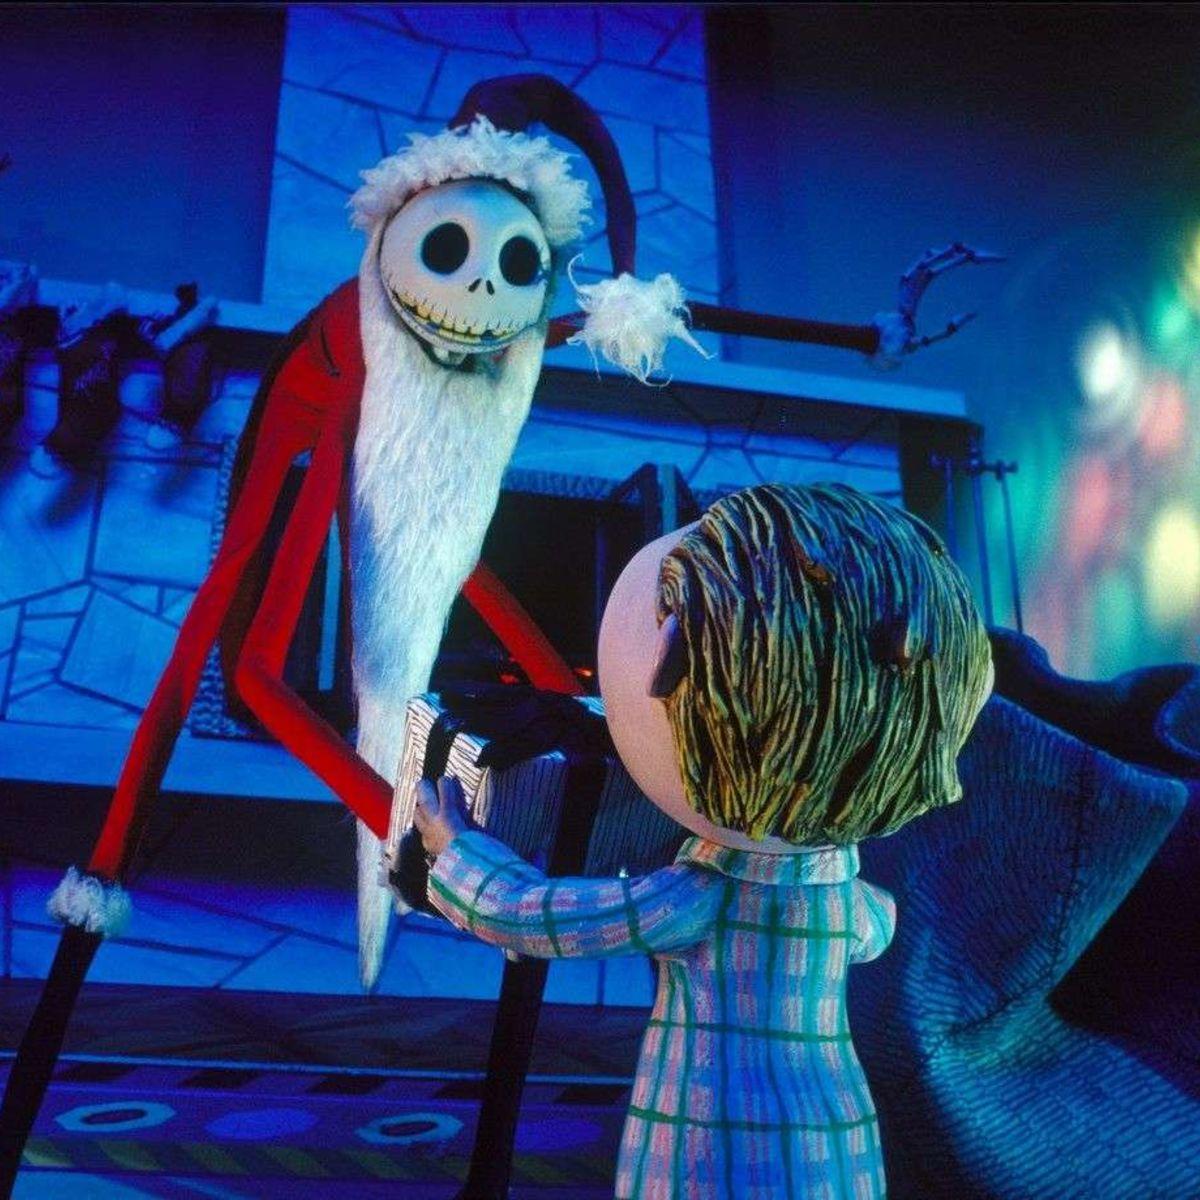 2006_nightmare_before_christmas_in_disney_007.jpg